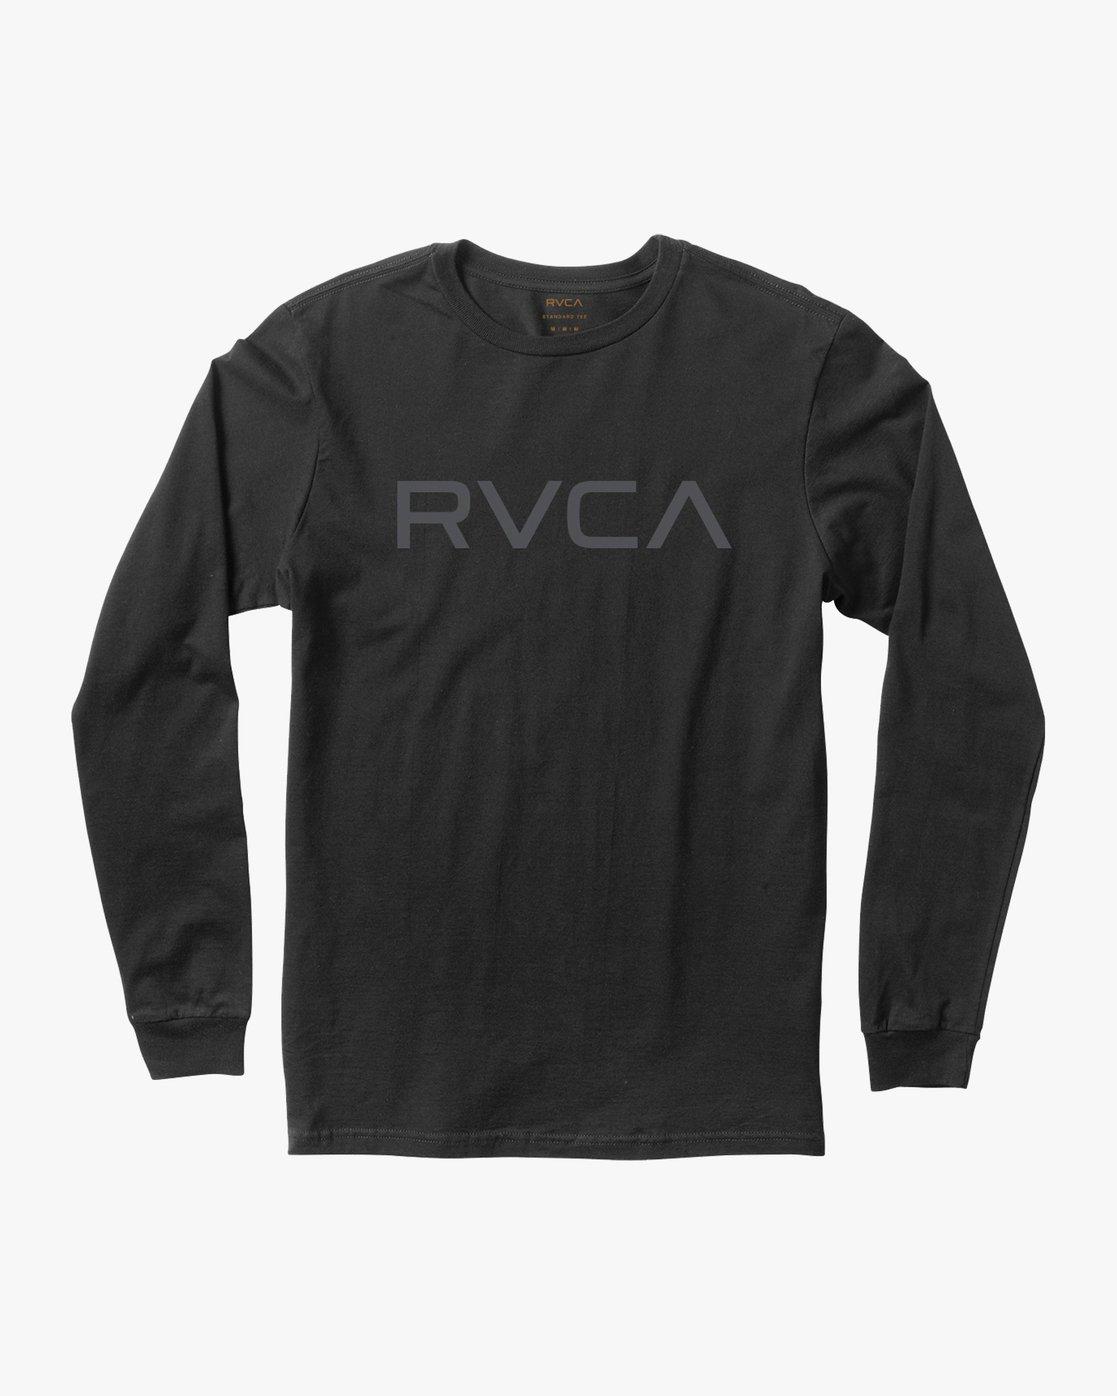 0 Big RVCA Long Sleeve T-Shirt Black M451TRBI RVCA